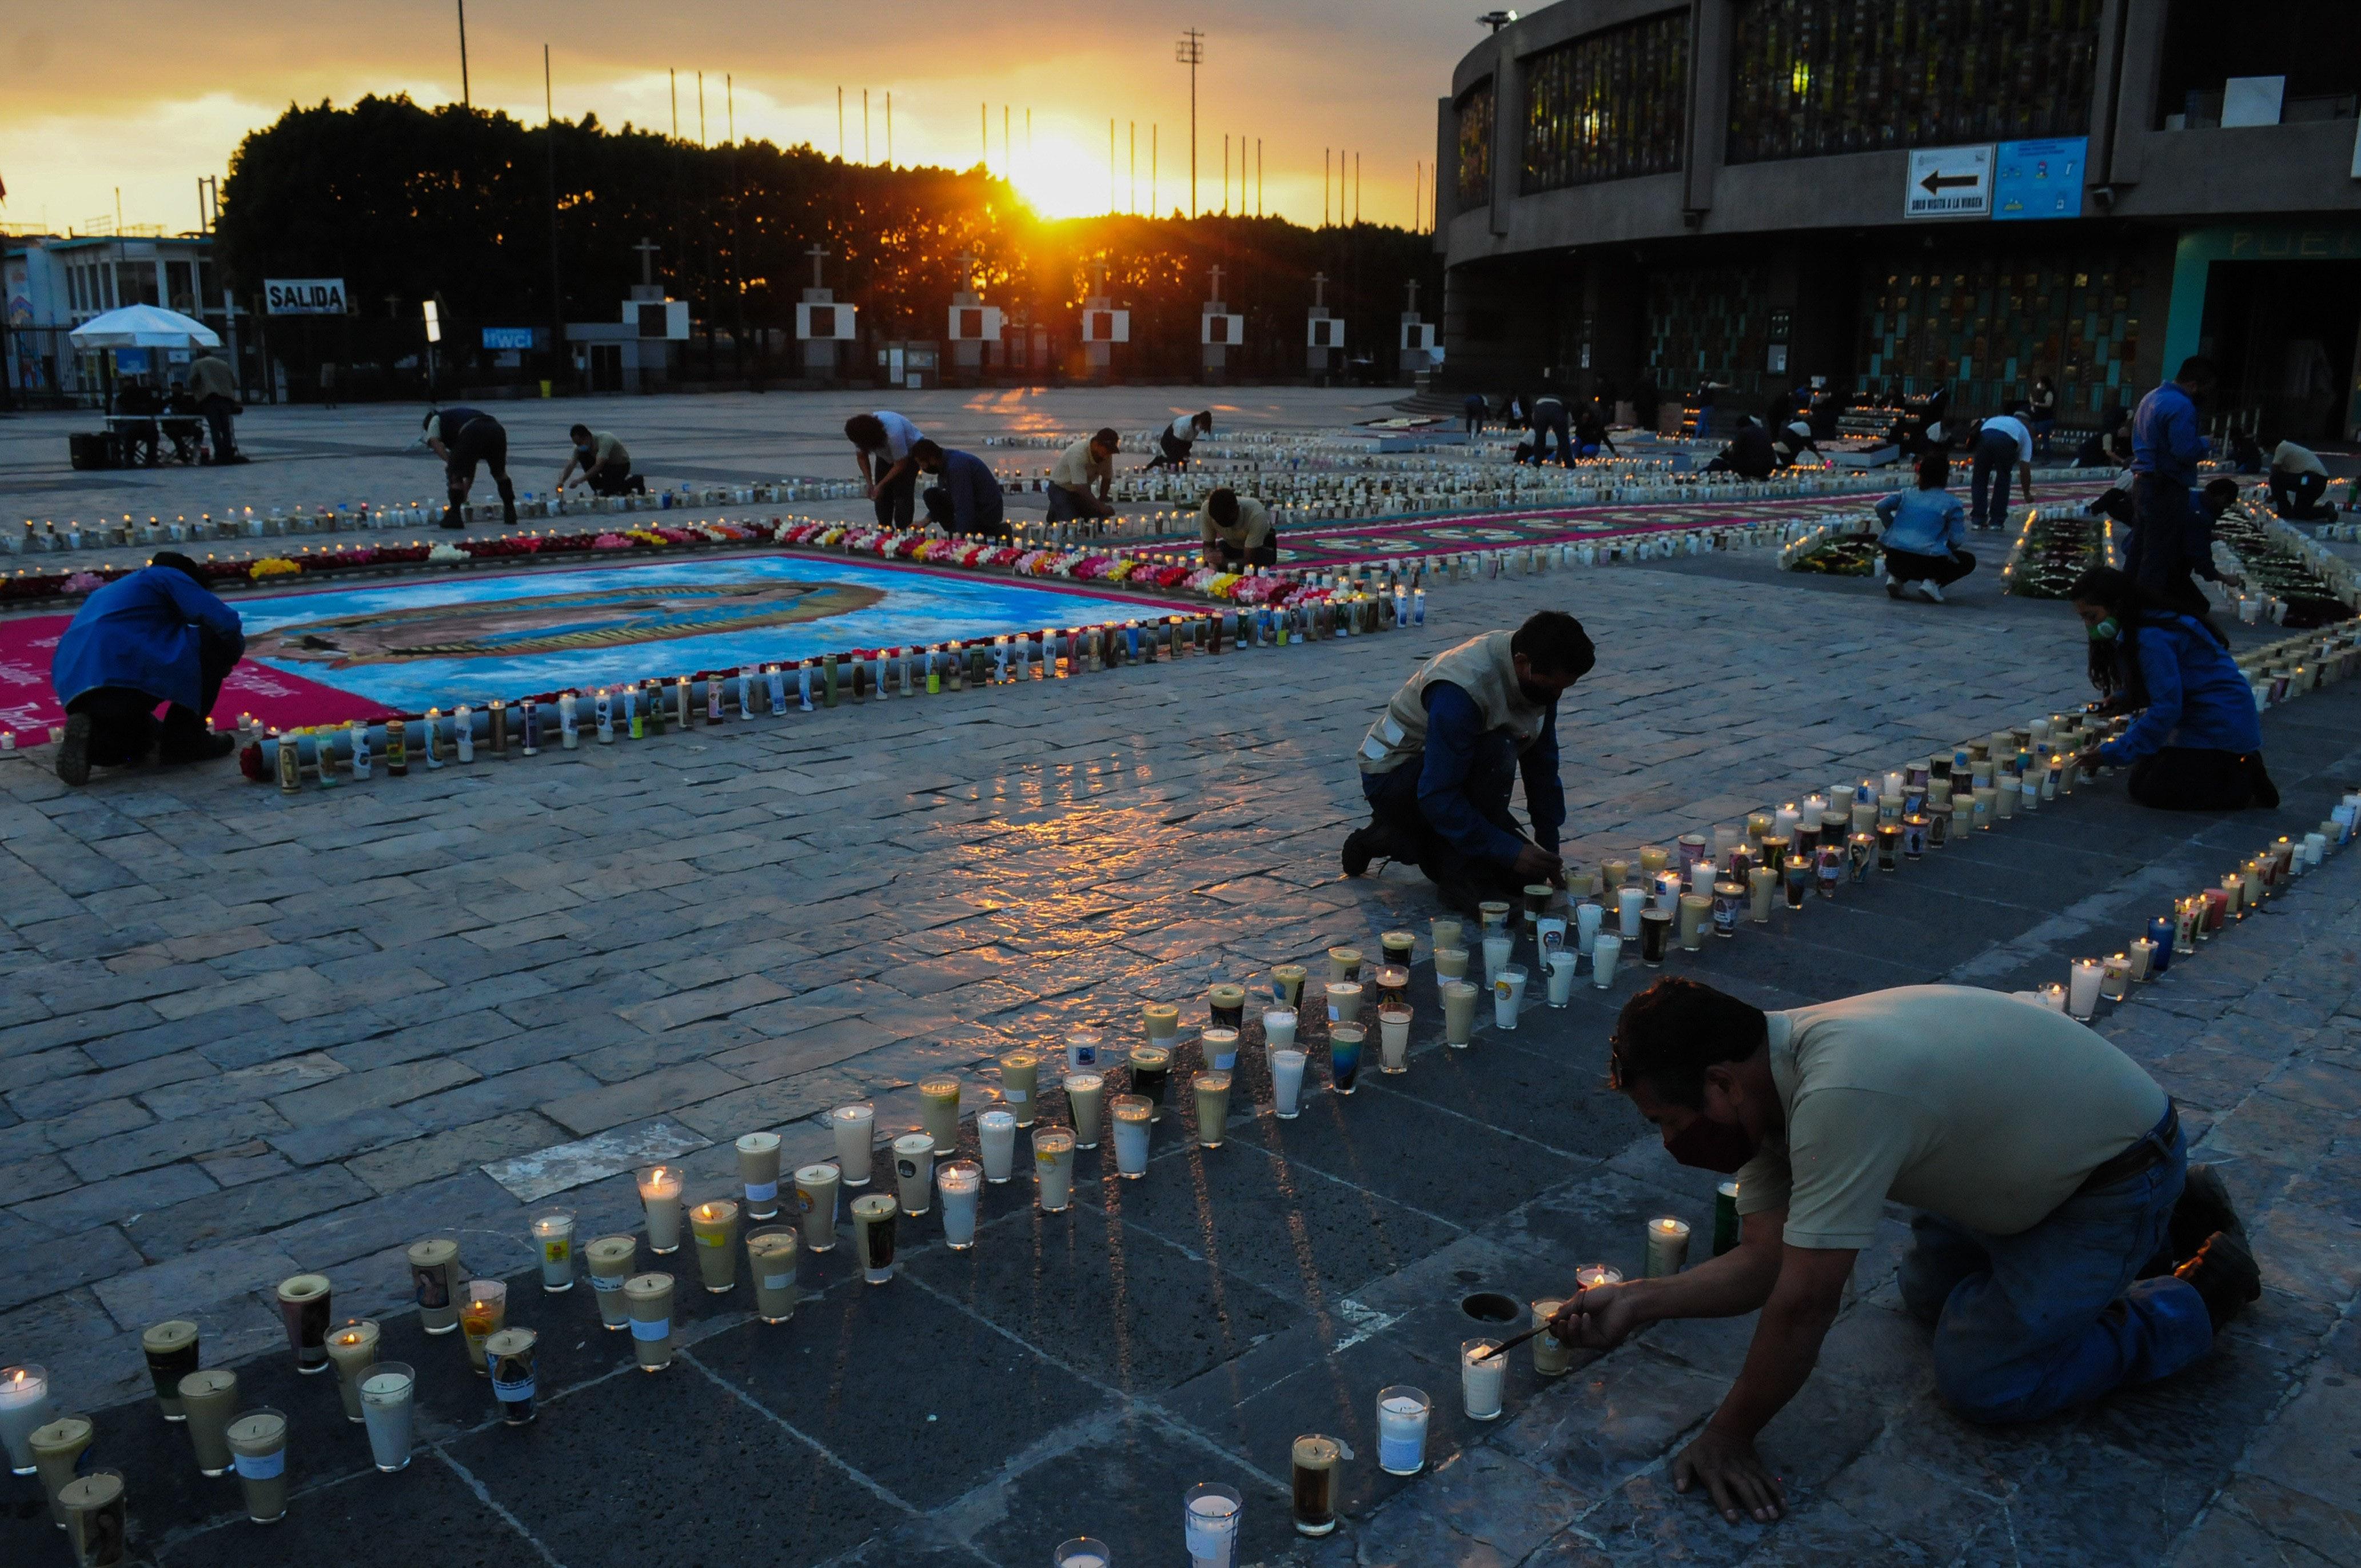 Atardecer en la Basílica de Guadalupe mientras encienden las velas para el mega tapete.